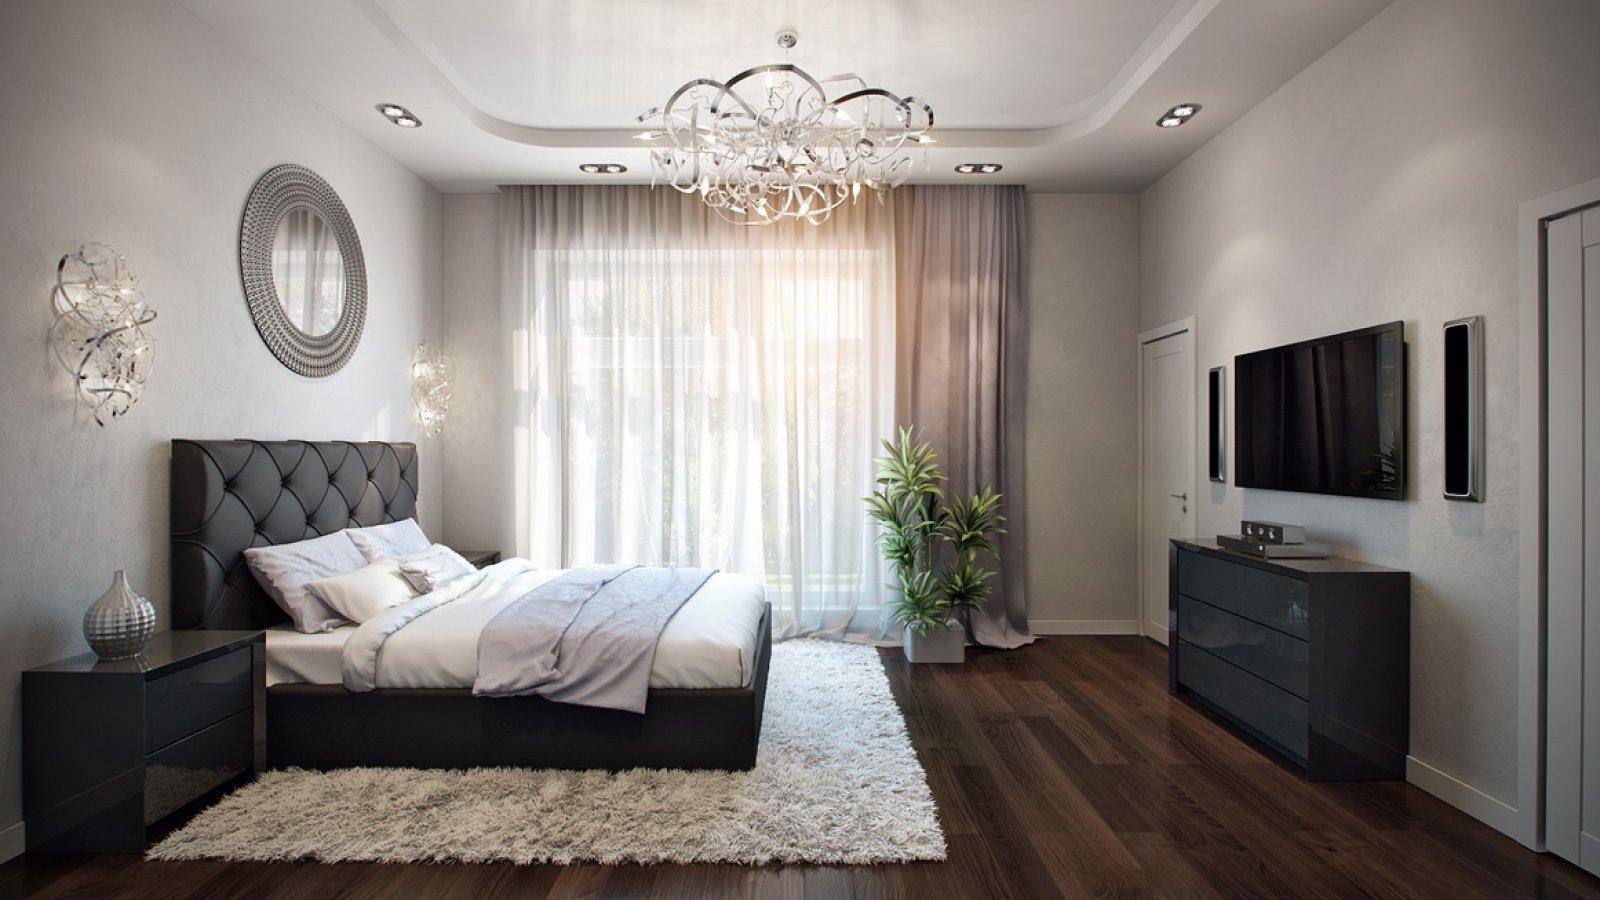 Интерьеры спален фото в частных домах